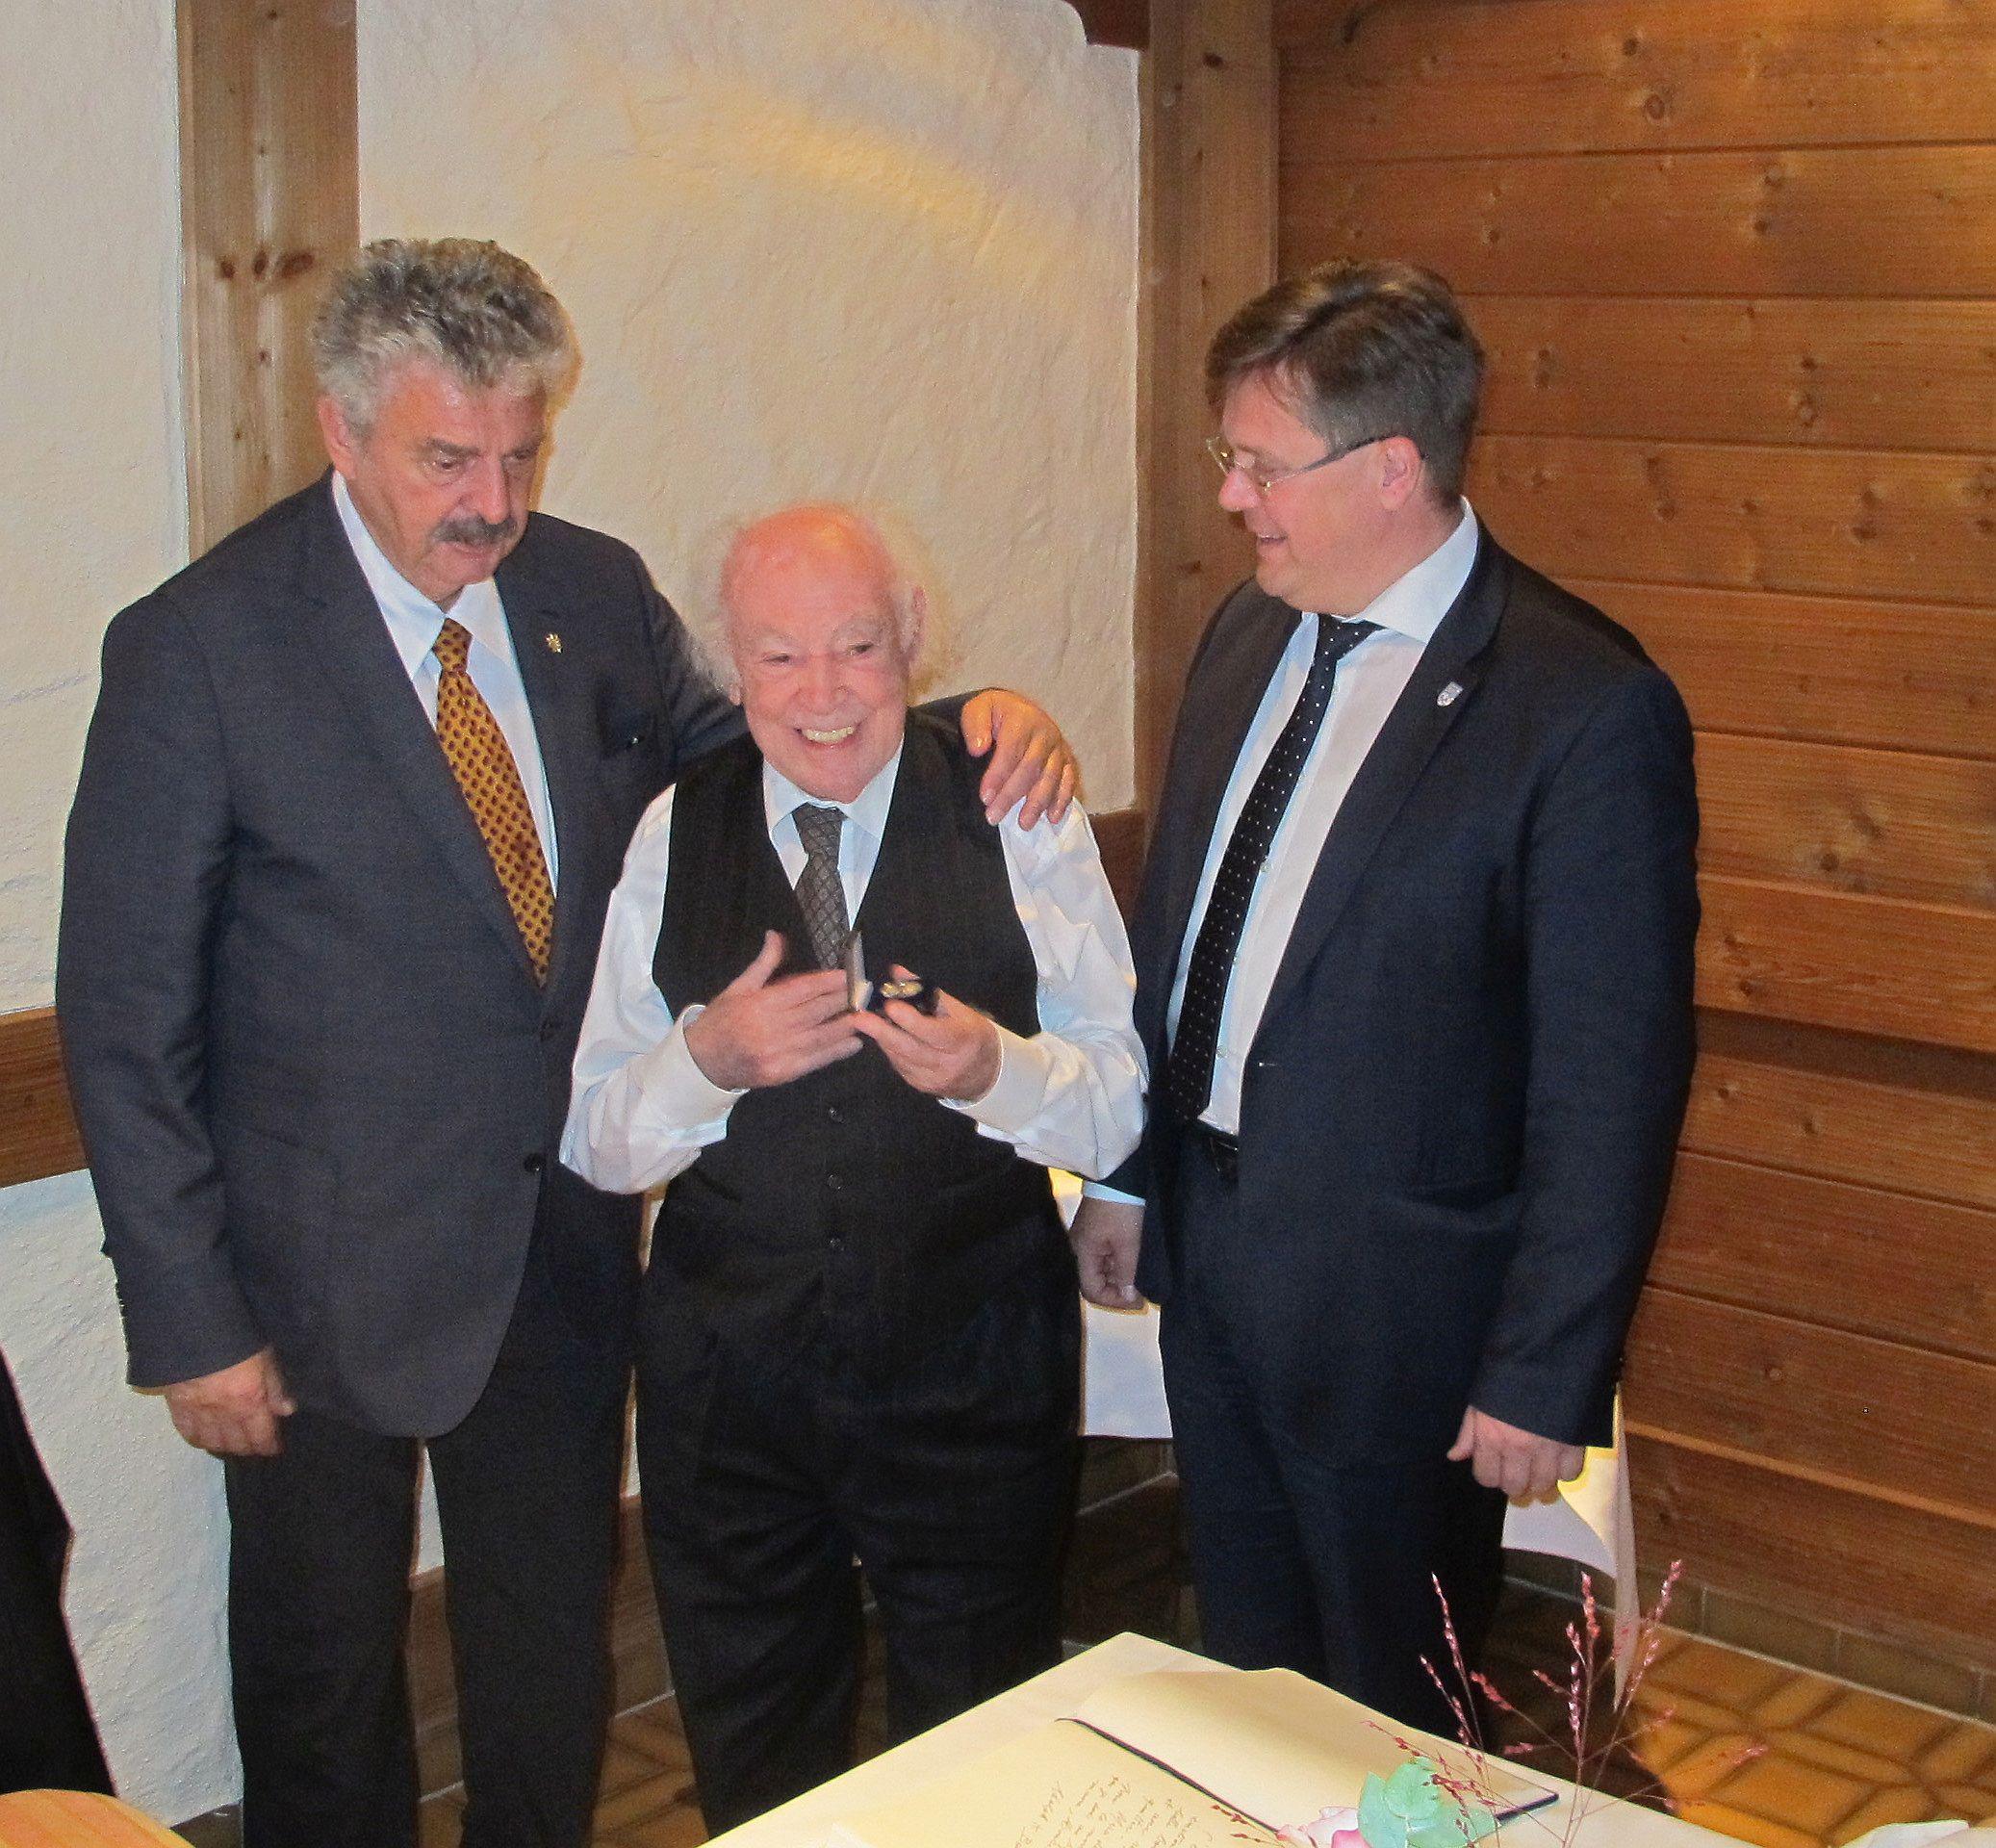 Bernd Weikl, Adolph K. Böhm und der 1. Bürgermeister Joachim Haller im Museum in Bodenmais Foto: Roland R. Ropers